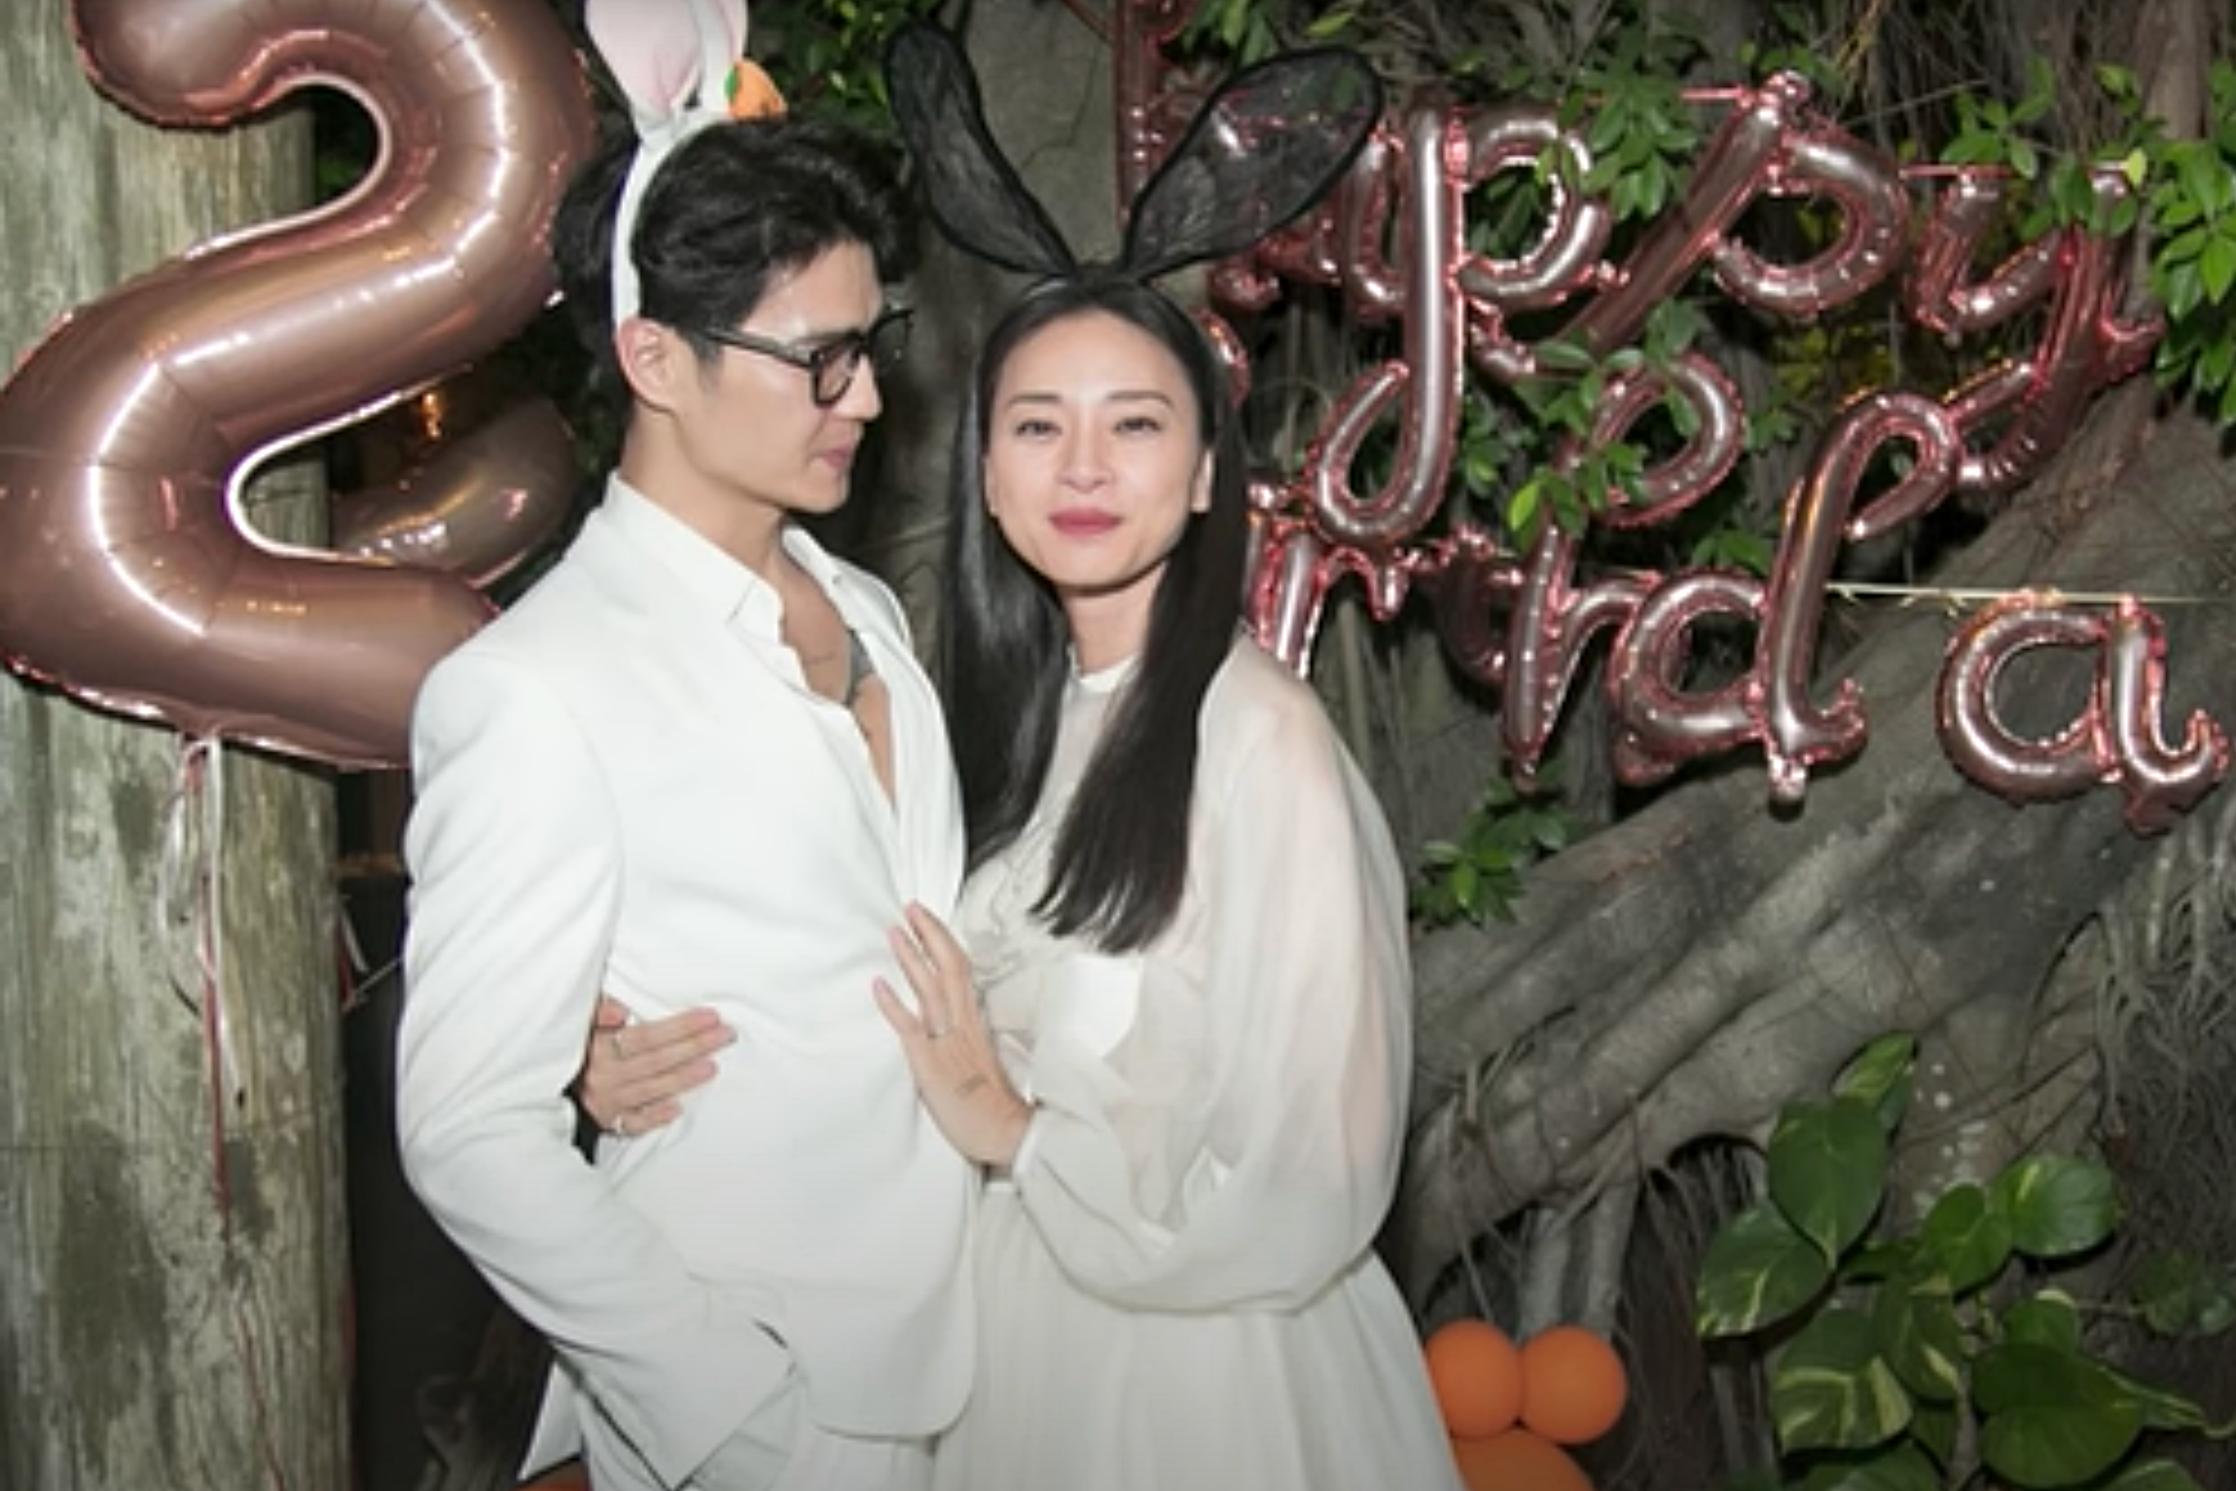 Cặp đôi ôm nhau tình cảm tại buổi tiệc sinh nhật của Ngô Thanh Vân.